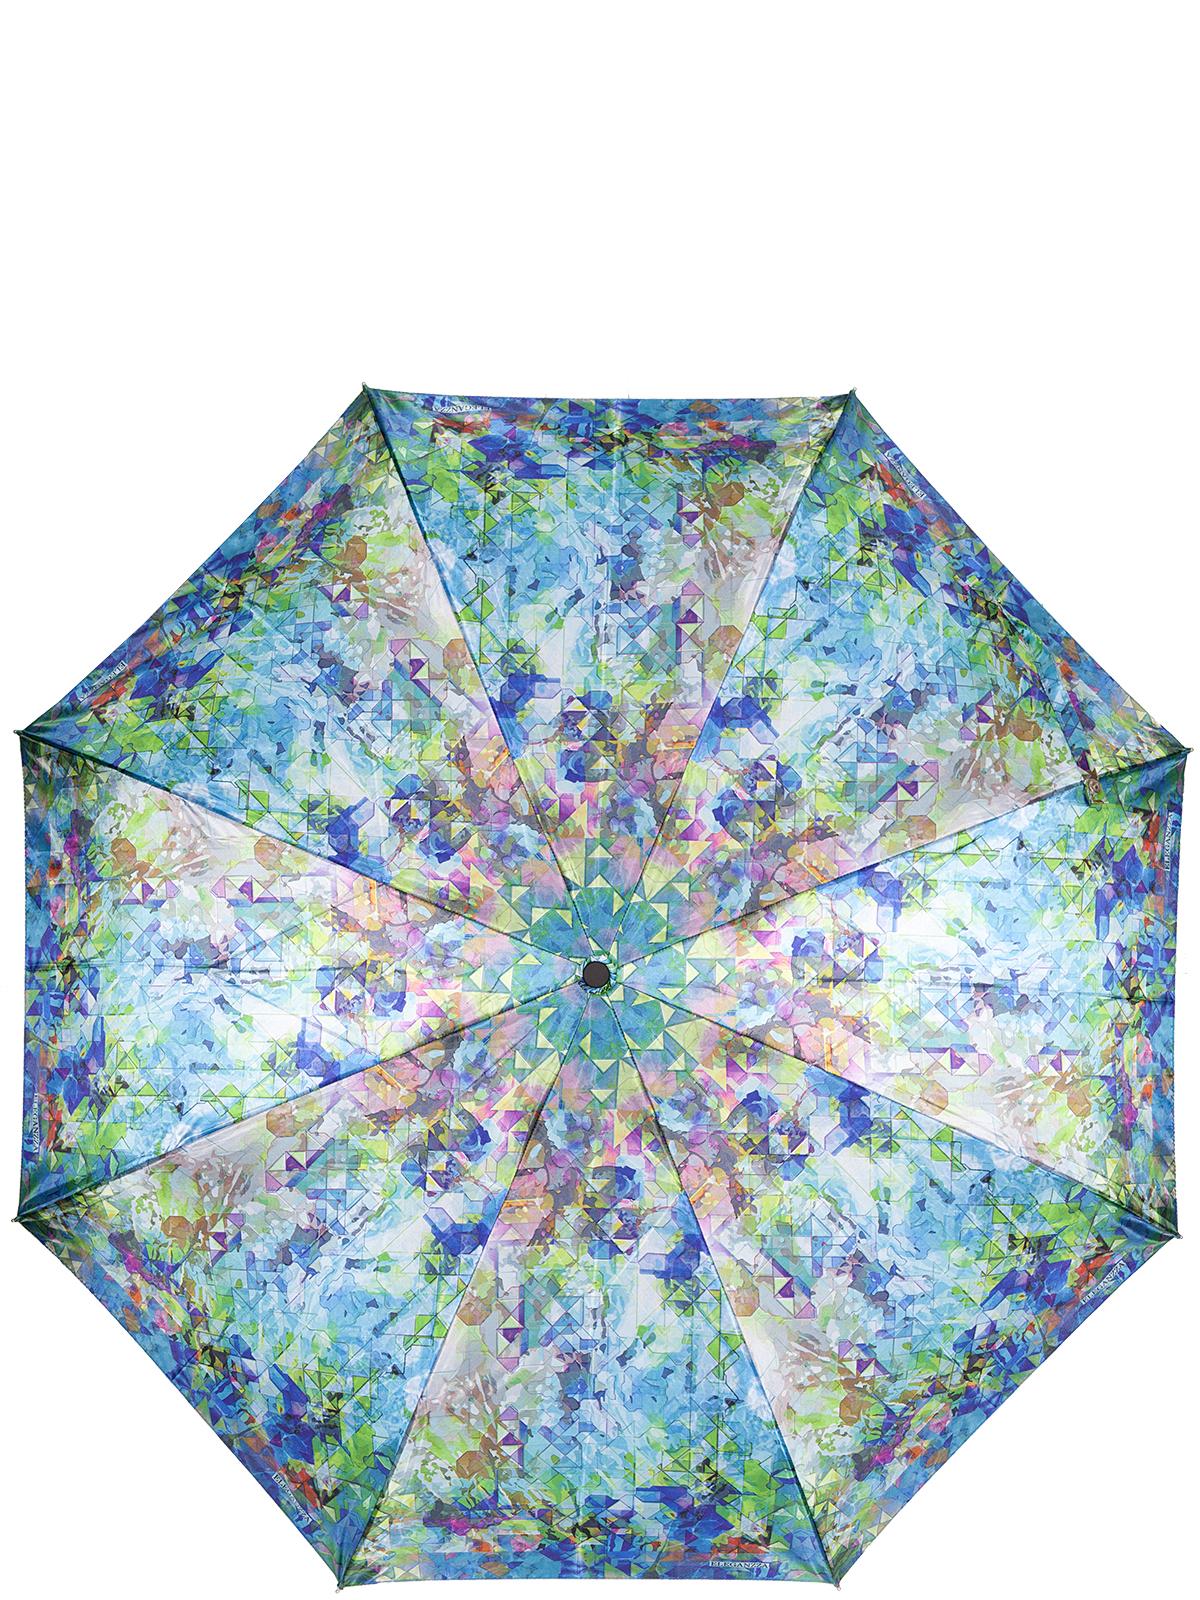 Зонт женский Eleganzza, цвет: зеленый. A3-05-0312LSA3-05-0312LSЖенский зонт-автомат торговой марки Eleganzza с каркасом Smart, который позволяет без особых усилий складывать зонт, не позволяя стержню вылетать обратно. Купол: 100% полиэстер, сатин. Материал каркаса: сталь + фибергласс. Материал ручки: пластик. Длина изделия - 30 см. Диаметр купола - 105 см. Система Smart, не позволяет стержню при сложении вылететь обратно, это облегчает сложение зонта! При сложении есть характерный звук-треск, как трещетка. Примечание: зонт не откроется с кнопки если его не закрыть до щелчка.